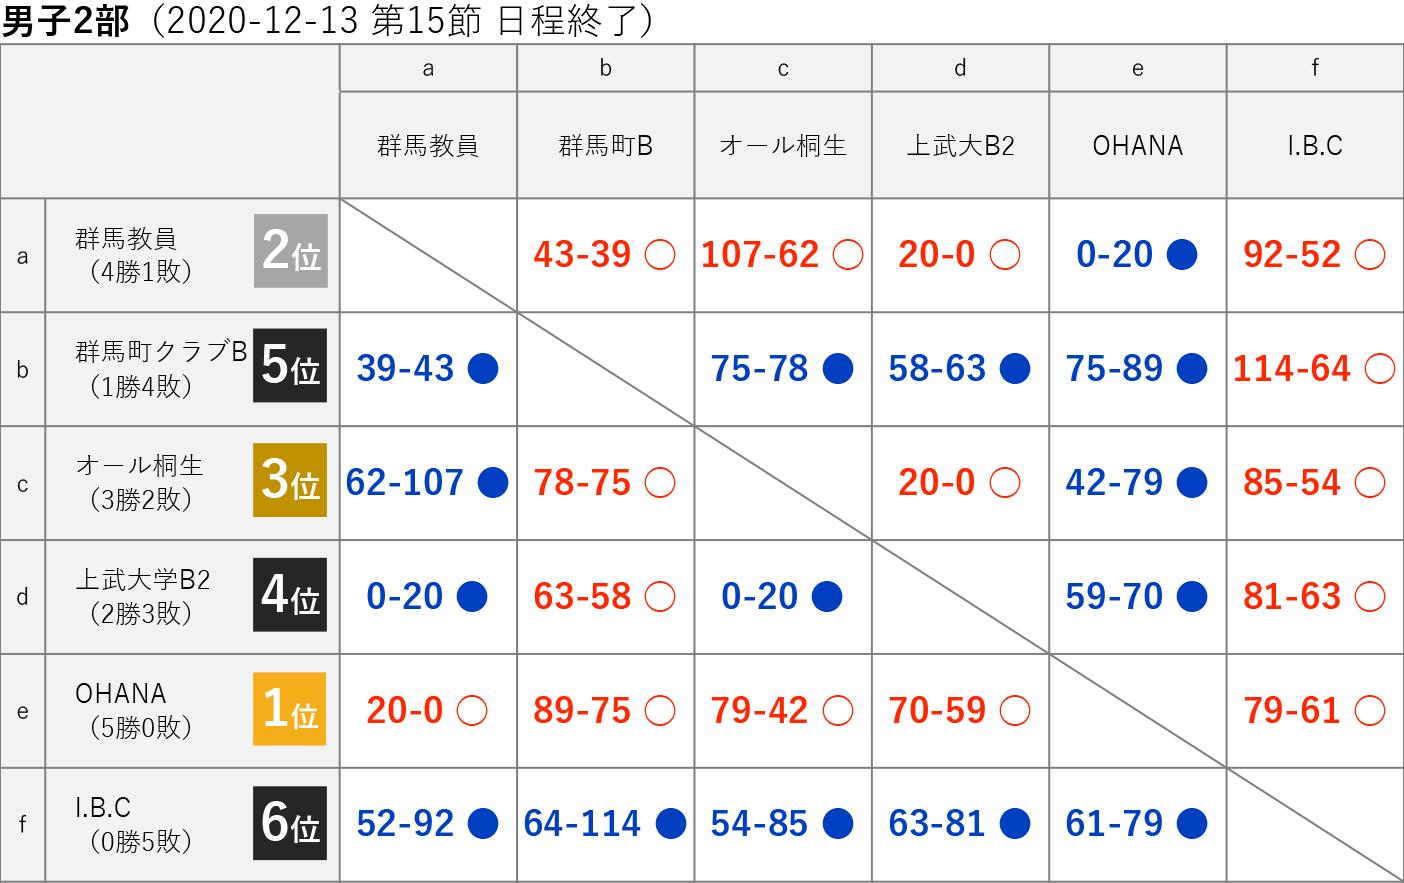 2020社会人リーグ 男子2部 星取り表 2020-12-13(第15節日程終了)